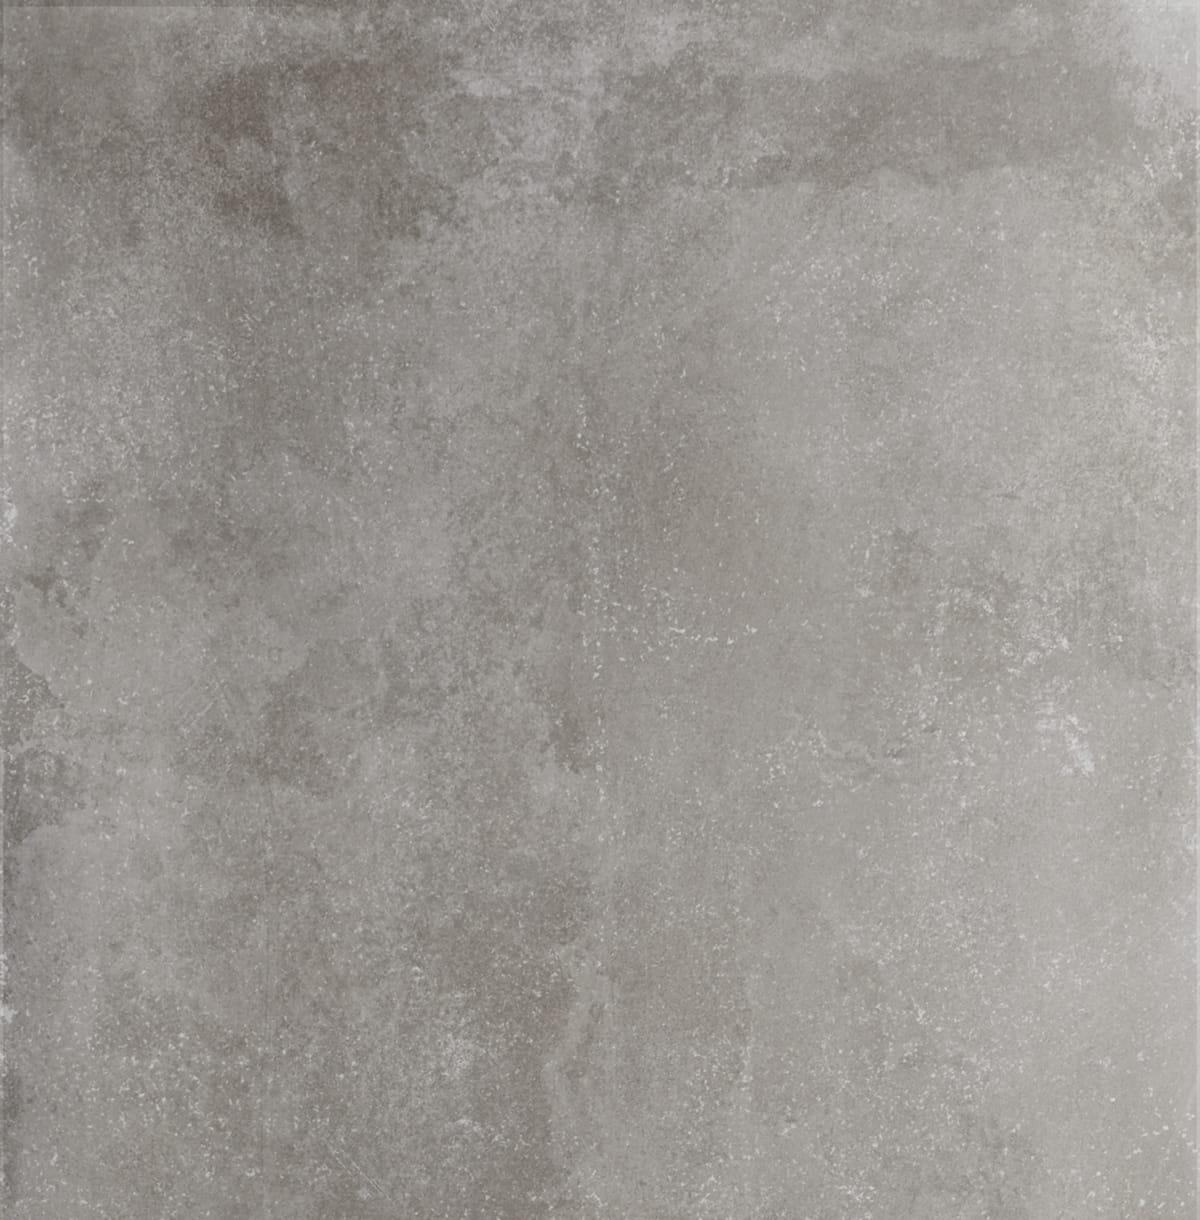 FOTO brooklin gris 75x75 20mm